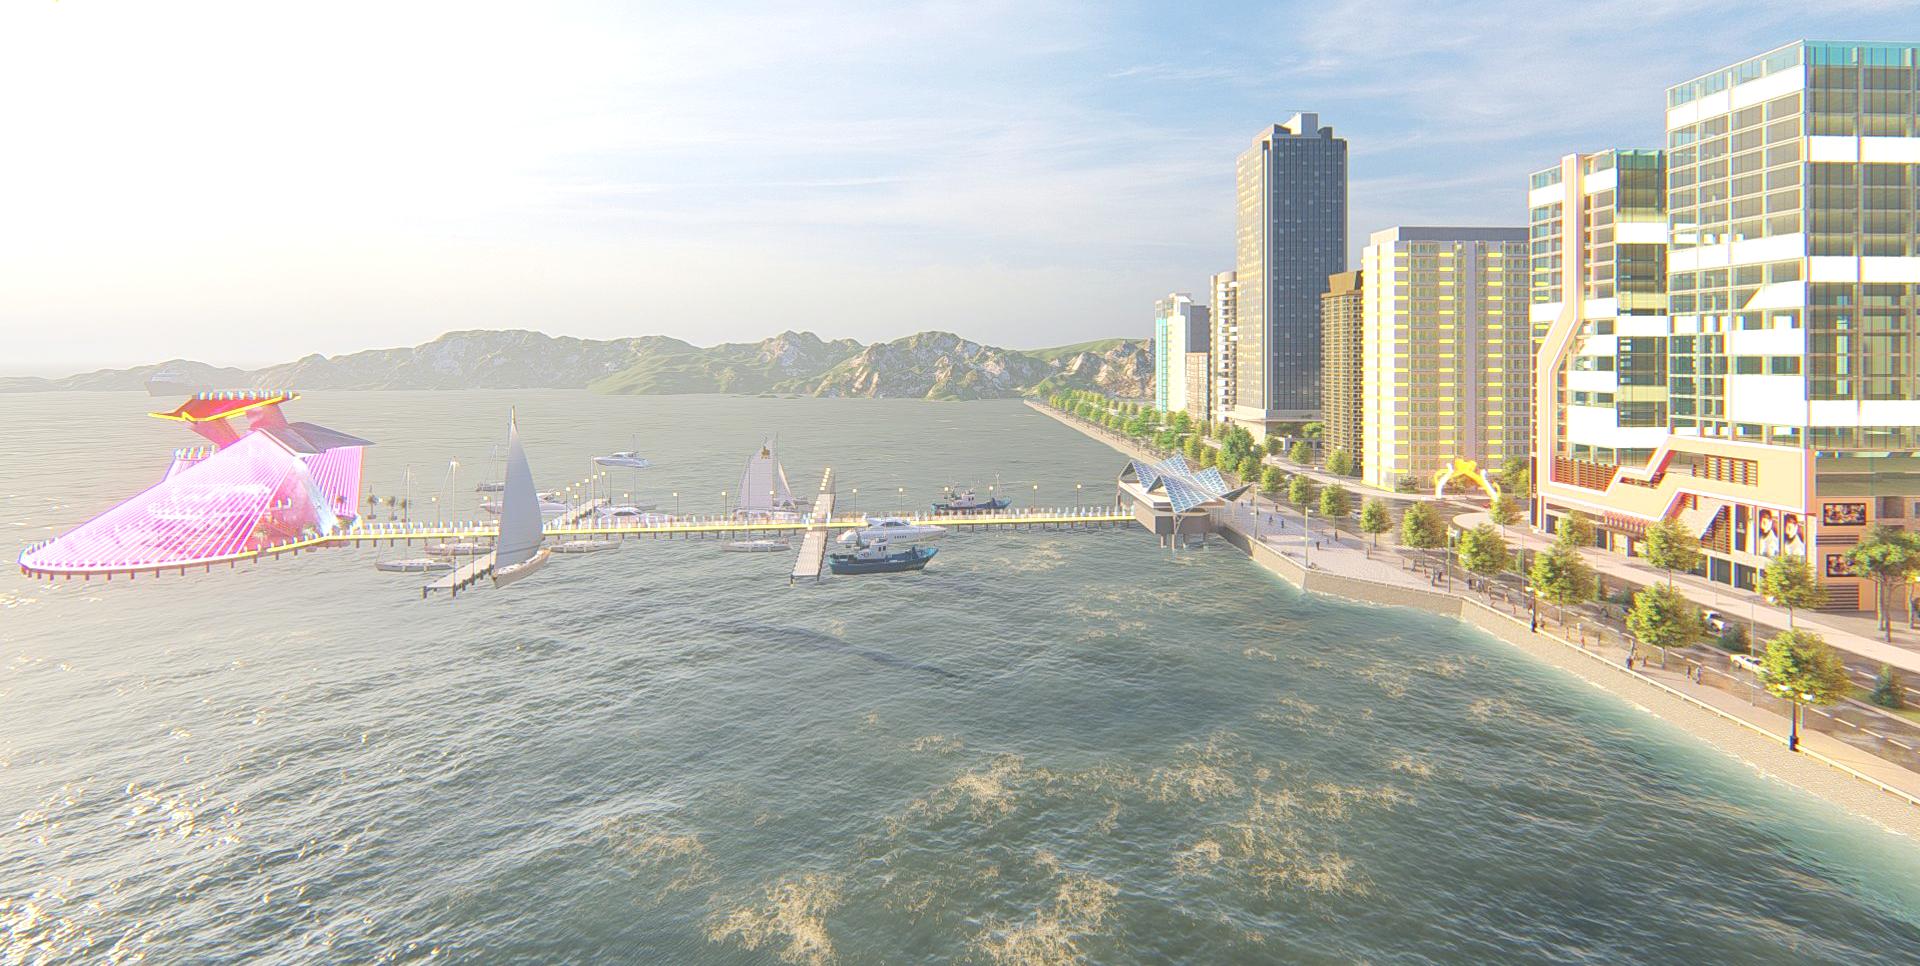 Bến du thuyền nằm ngay cửa vịnh là tiện ích cao cấp của Vịnh An Hòa City.